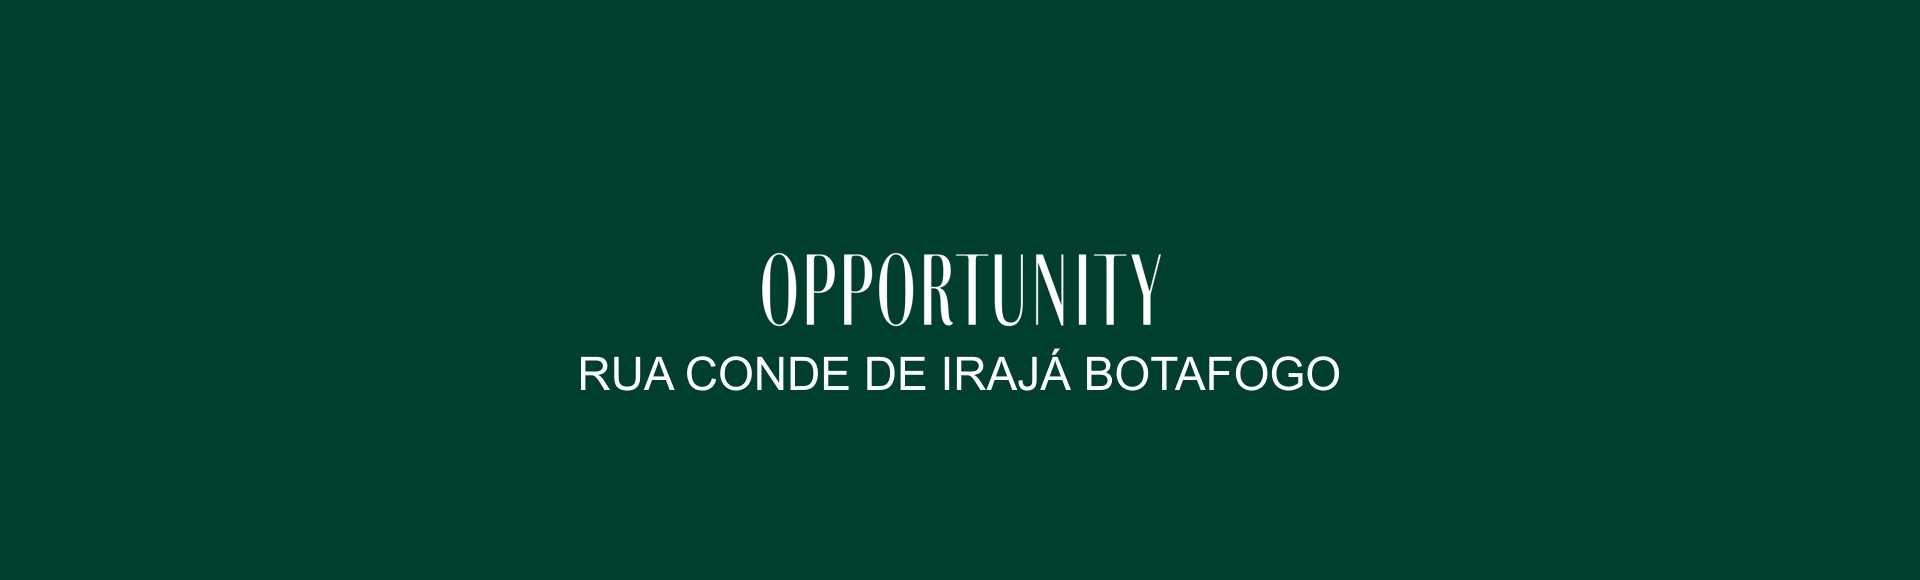 rua conde de irajá botafogo opportunity